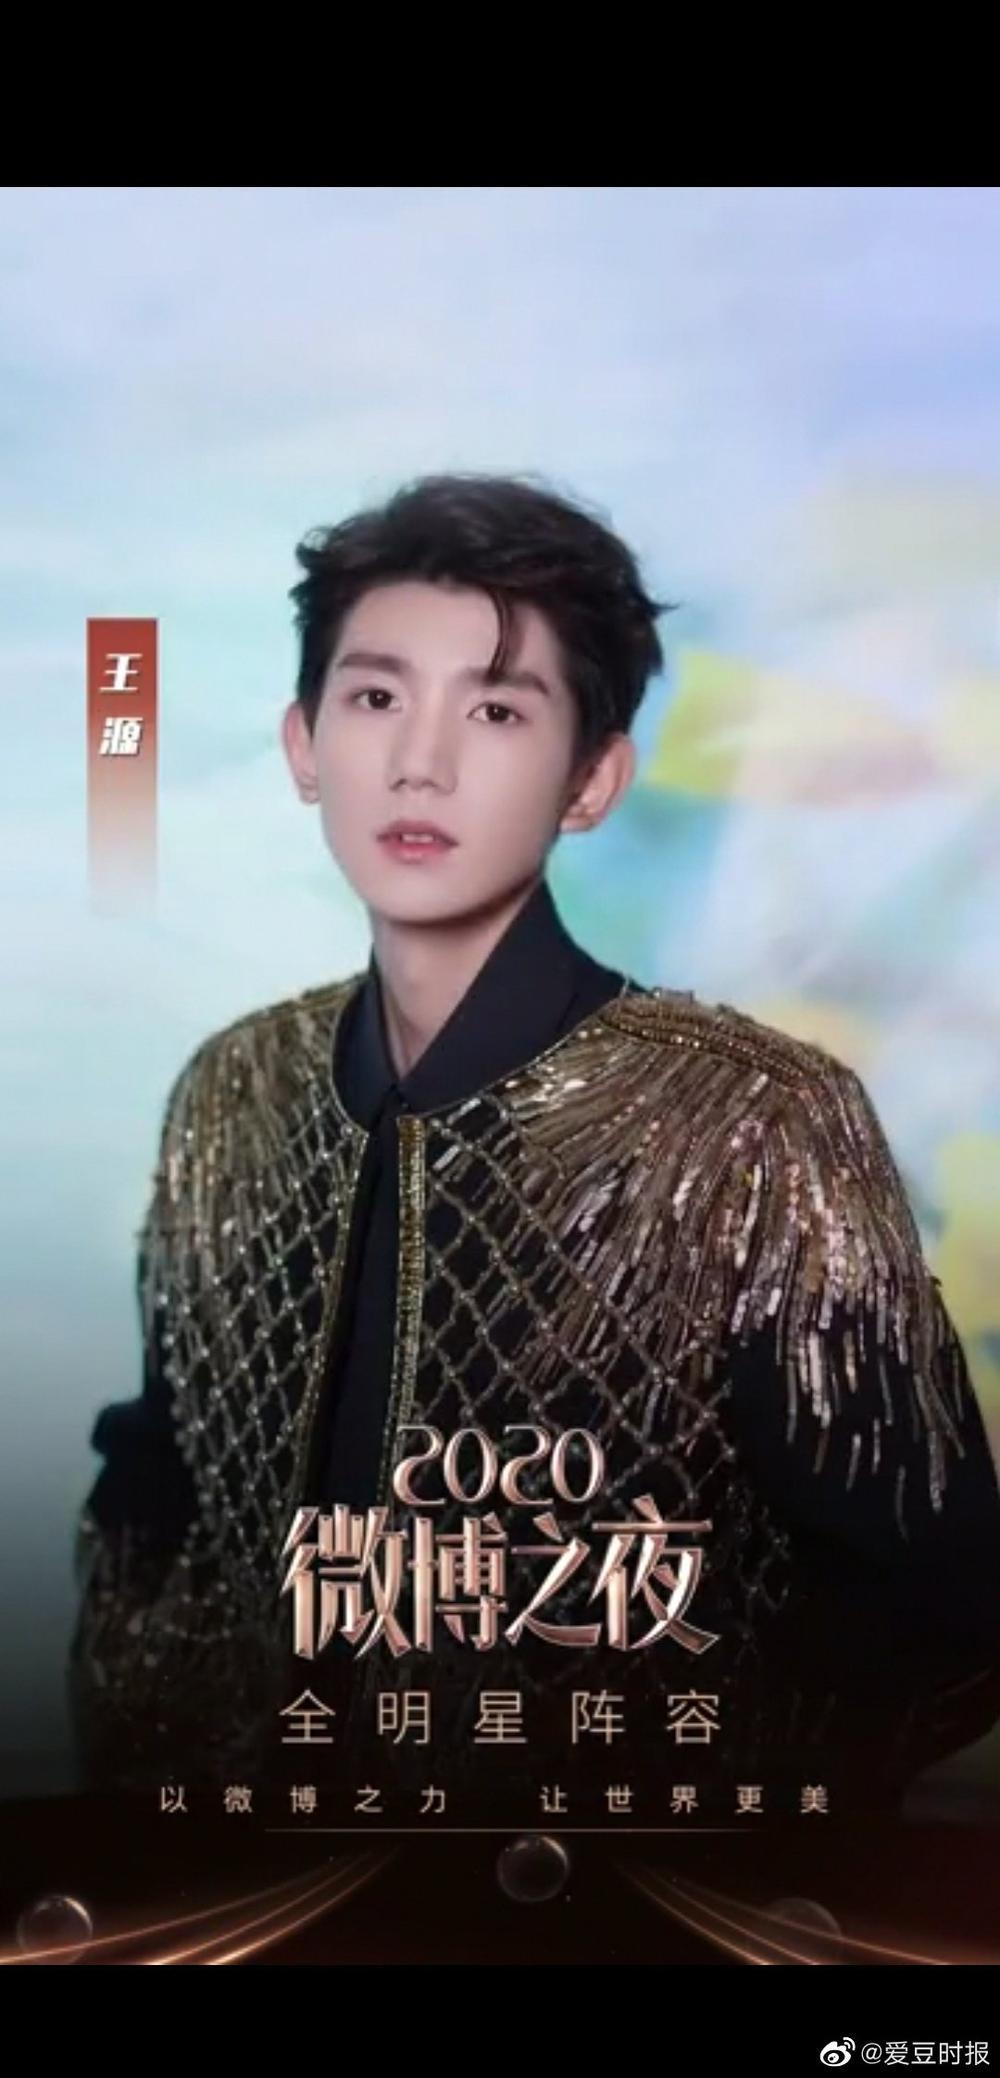 Dương Tử gây ấn tượng còn Tiêu Chiến bị lãng quên dù là King của 'Đêm hội Weibo 2020'? Ảnh 12